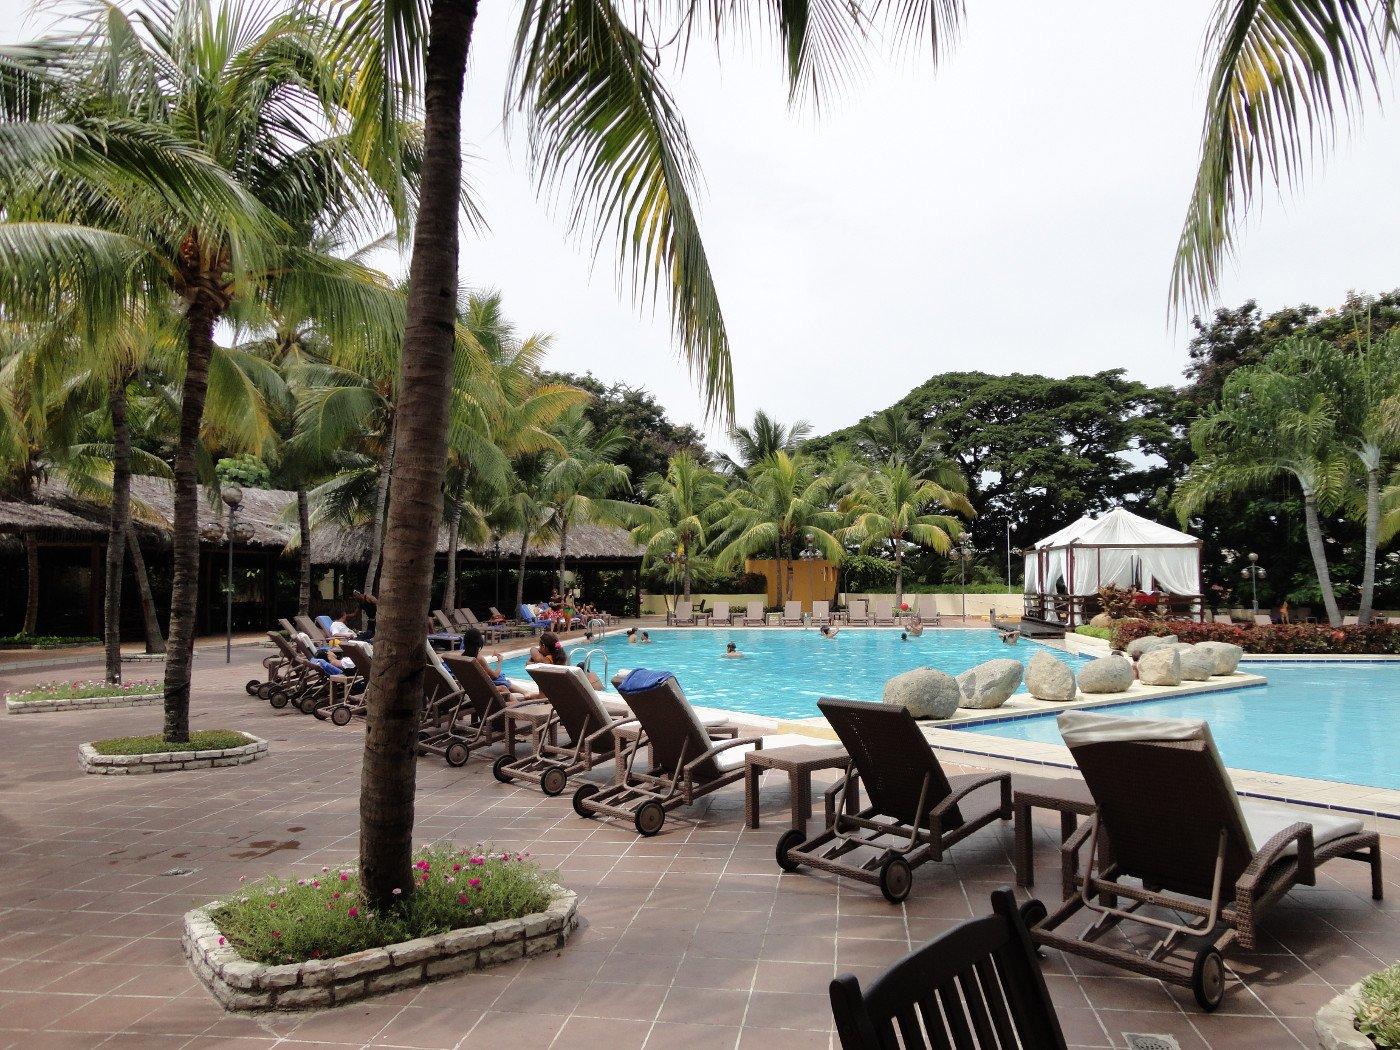 Kuba_Hotel Melia_2015